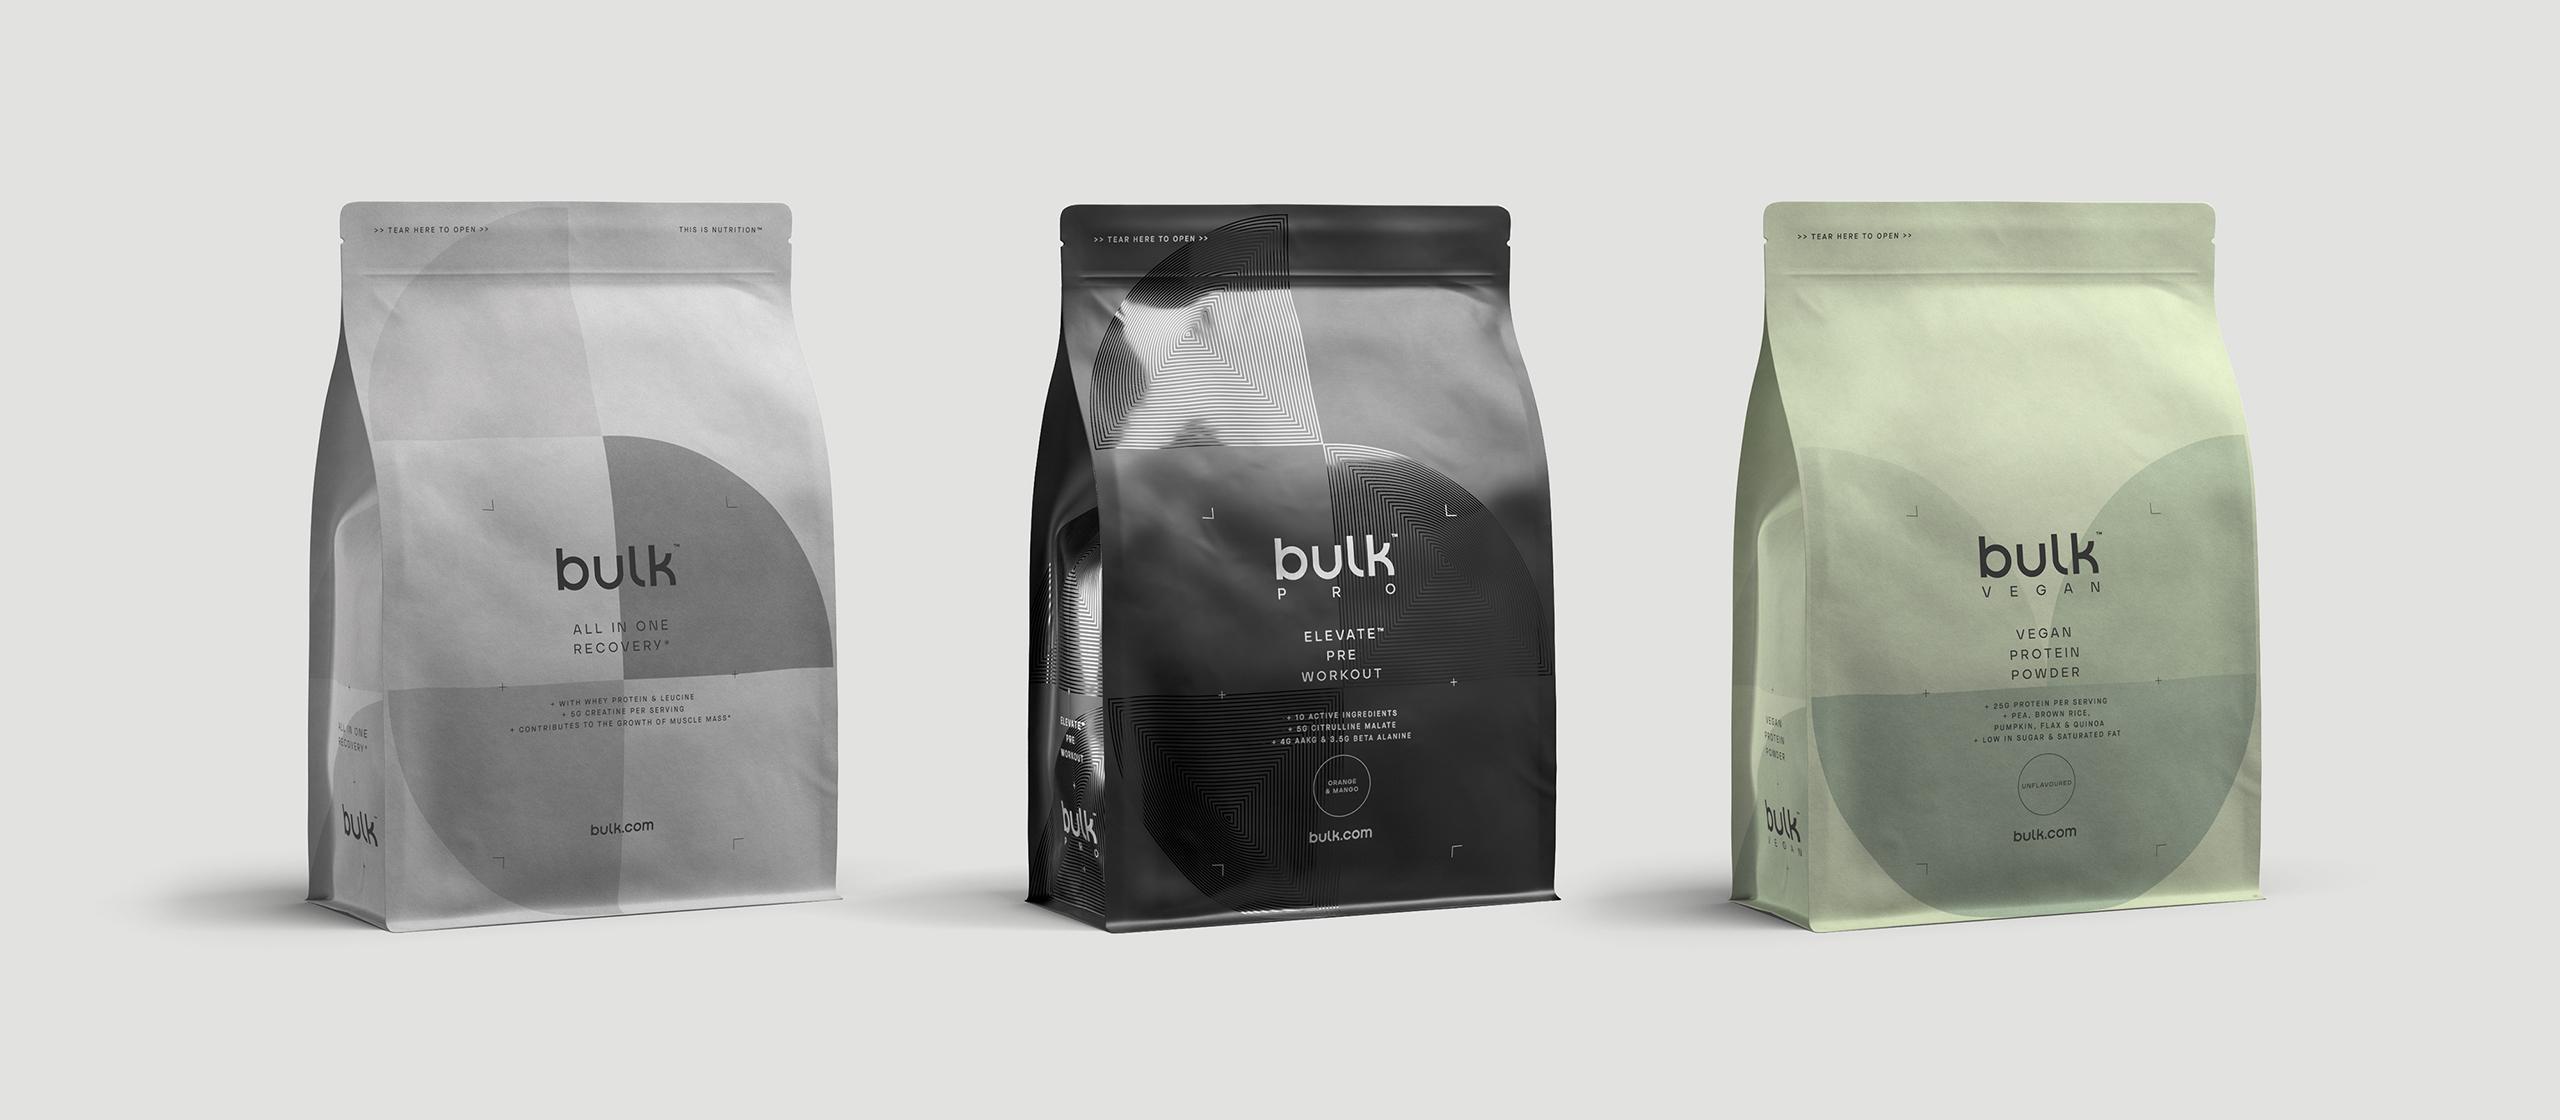 Eskimo-Square-Bulk-packaging-single-packs